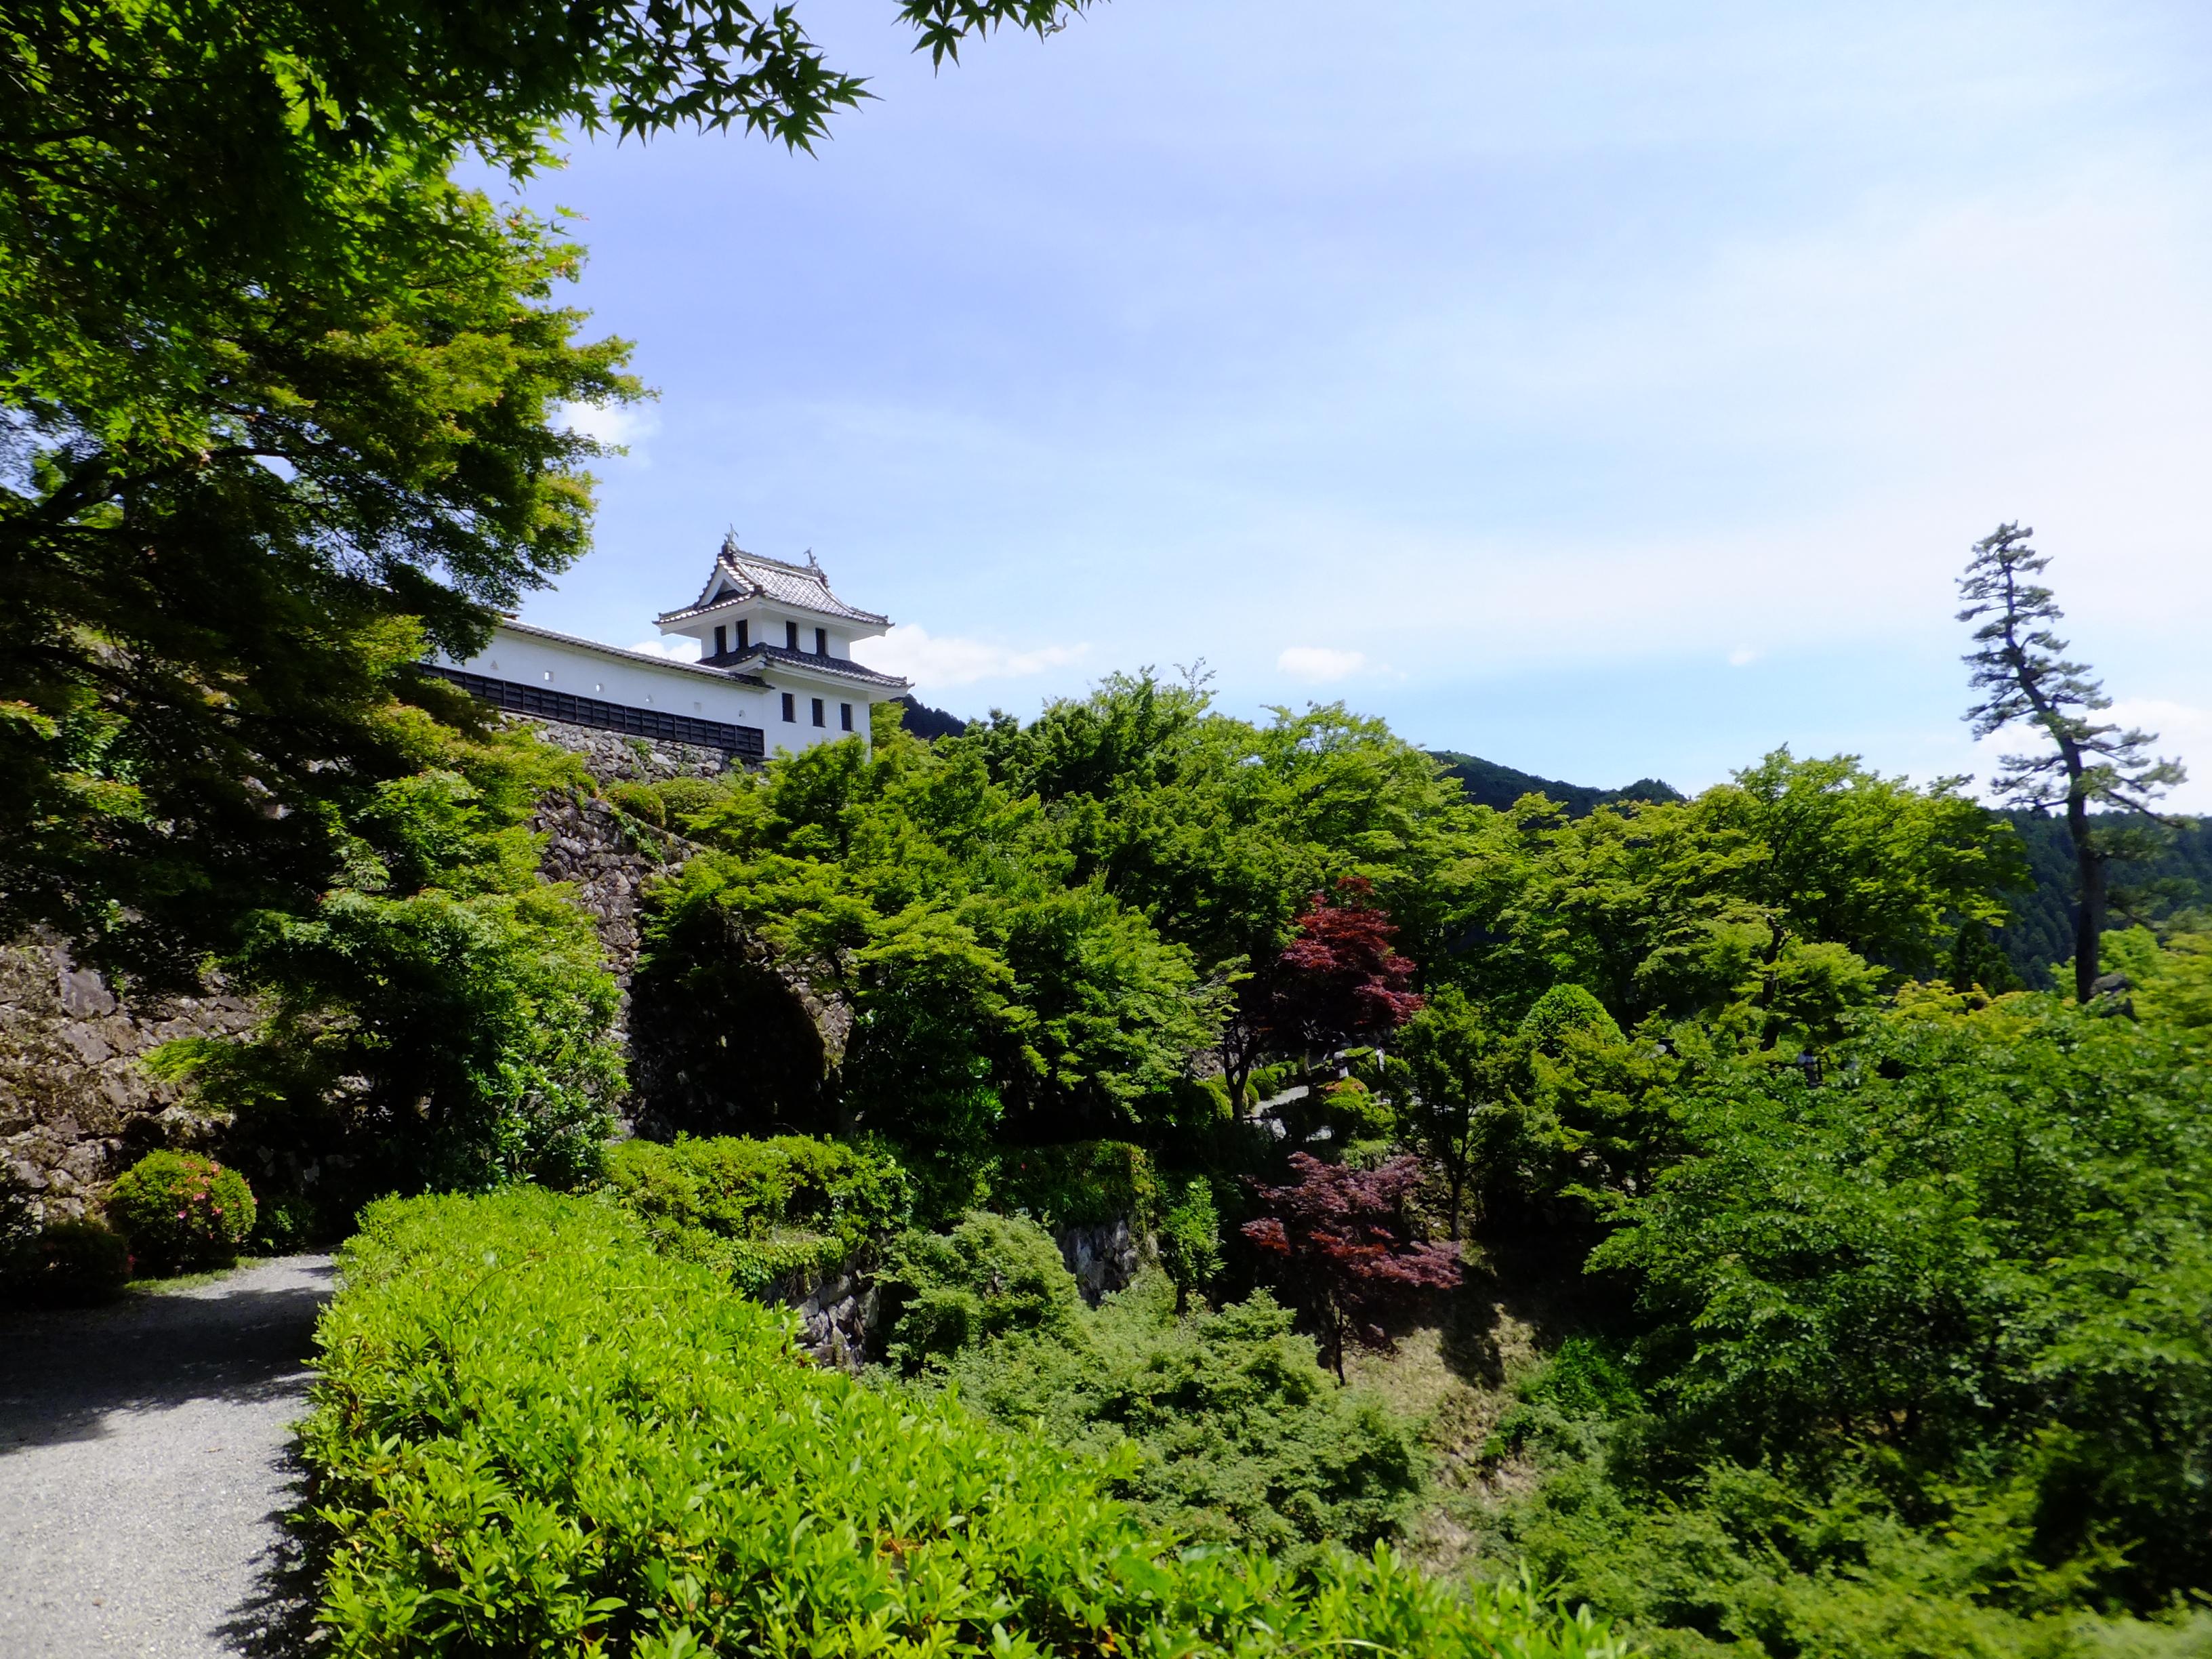 観光地としての岐阜県の魅力